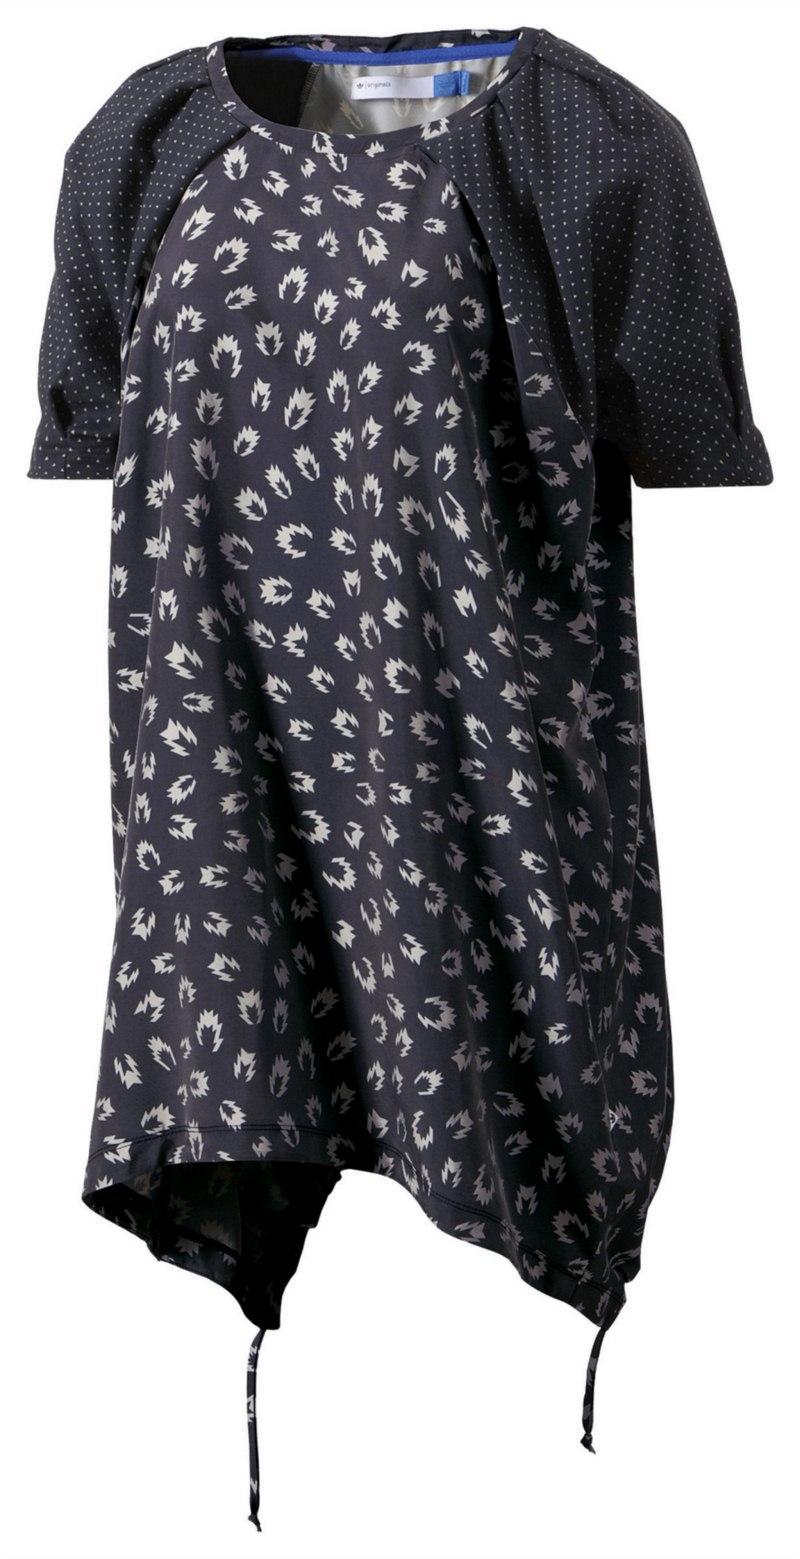 bluzka Adidas we wzorki w kolorze czarnym - kolekcja wiosenno-letnia